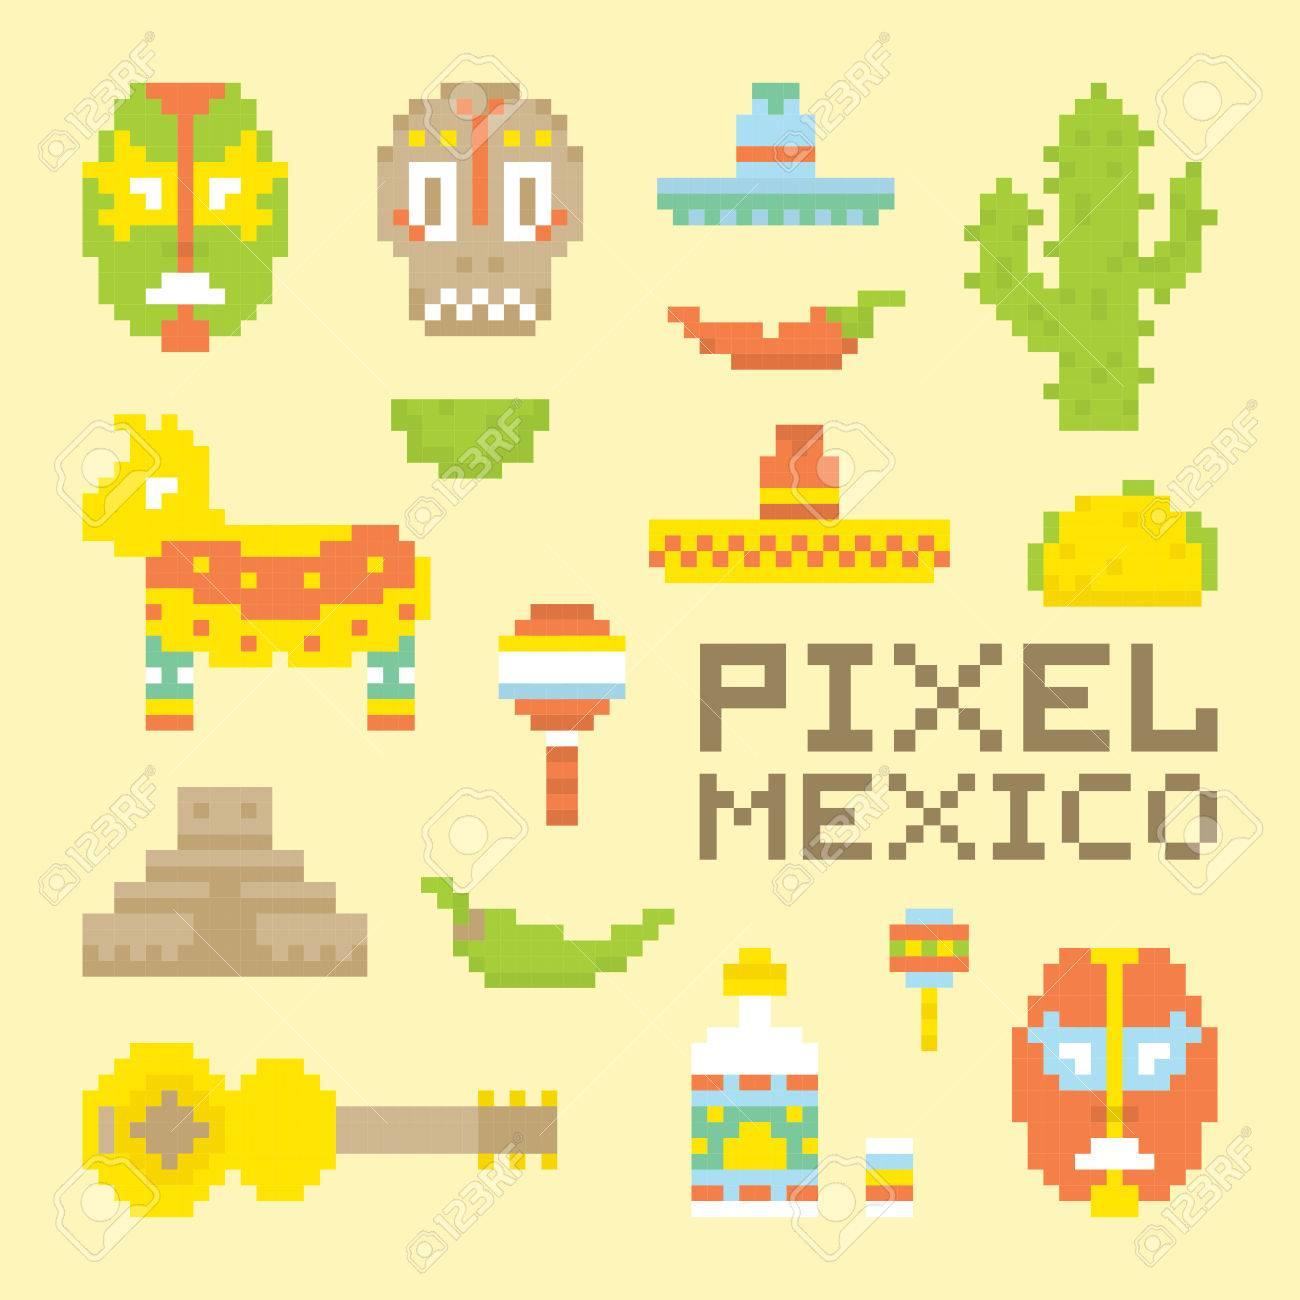 Pixel Art Style Isolé Objets Vecteur Mexicain